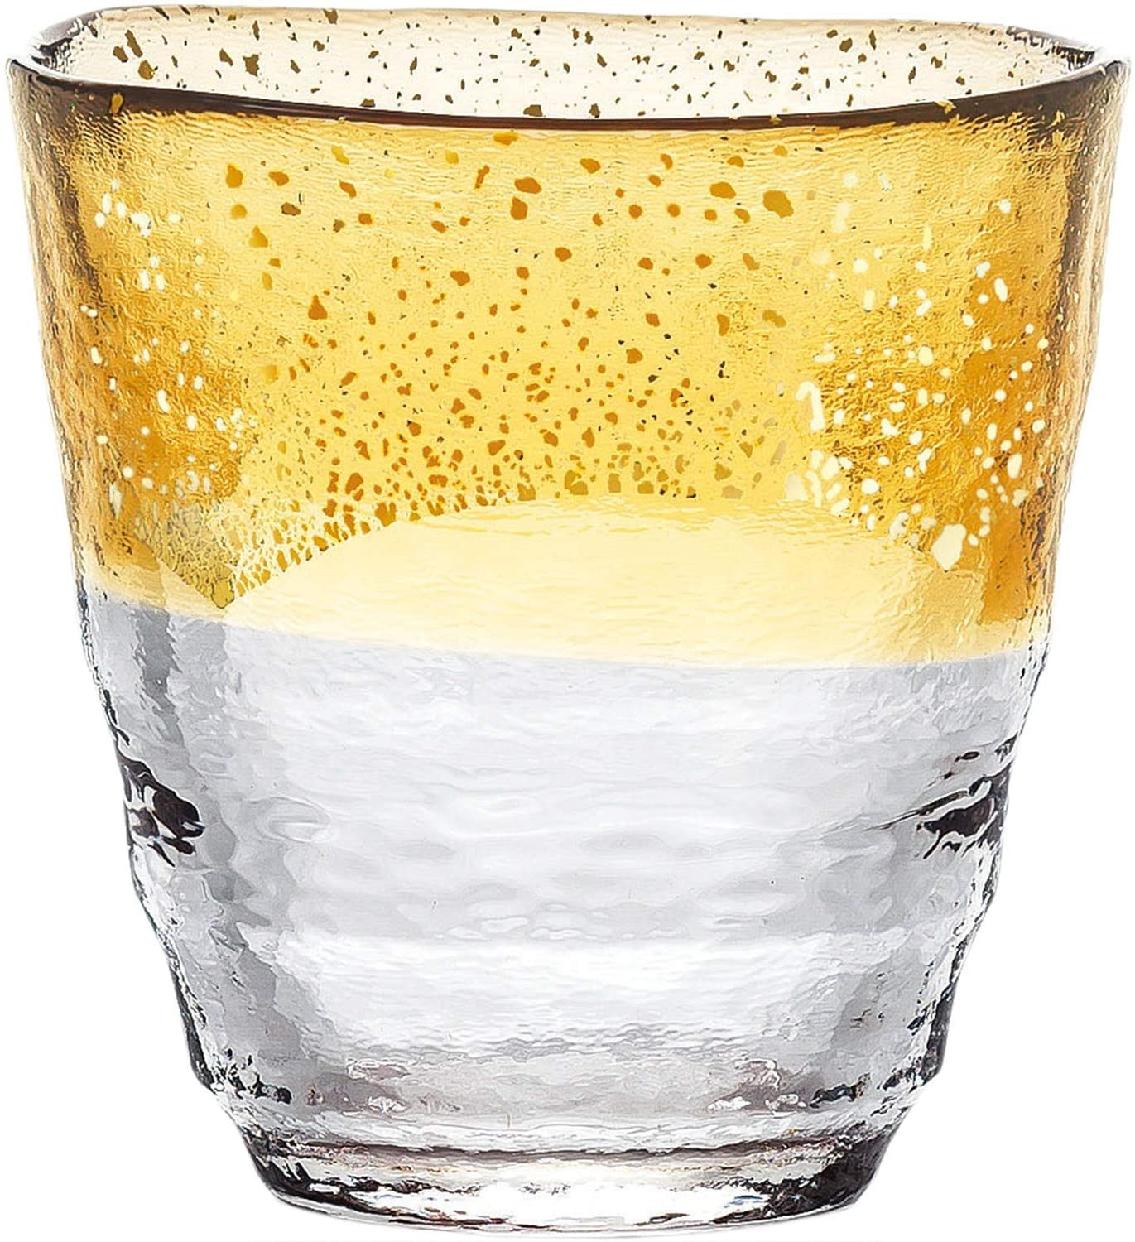 東洋佐々木ガラス お湯わり焼酎ぐらす(琥珀・金箔) 42130TS-G-WGABの商品画像